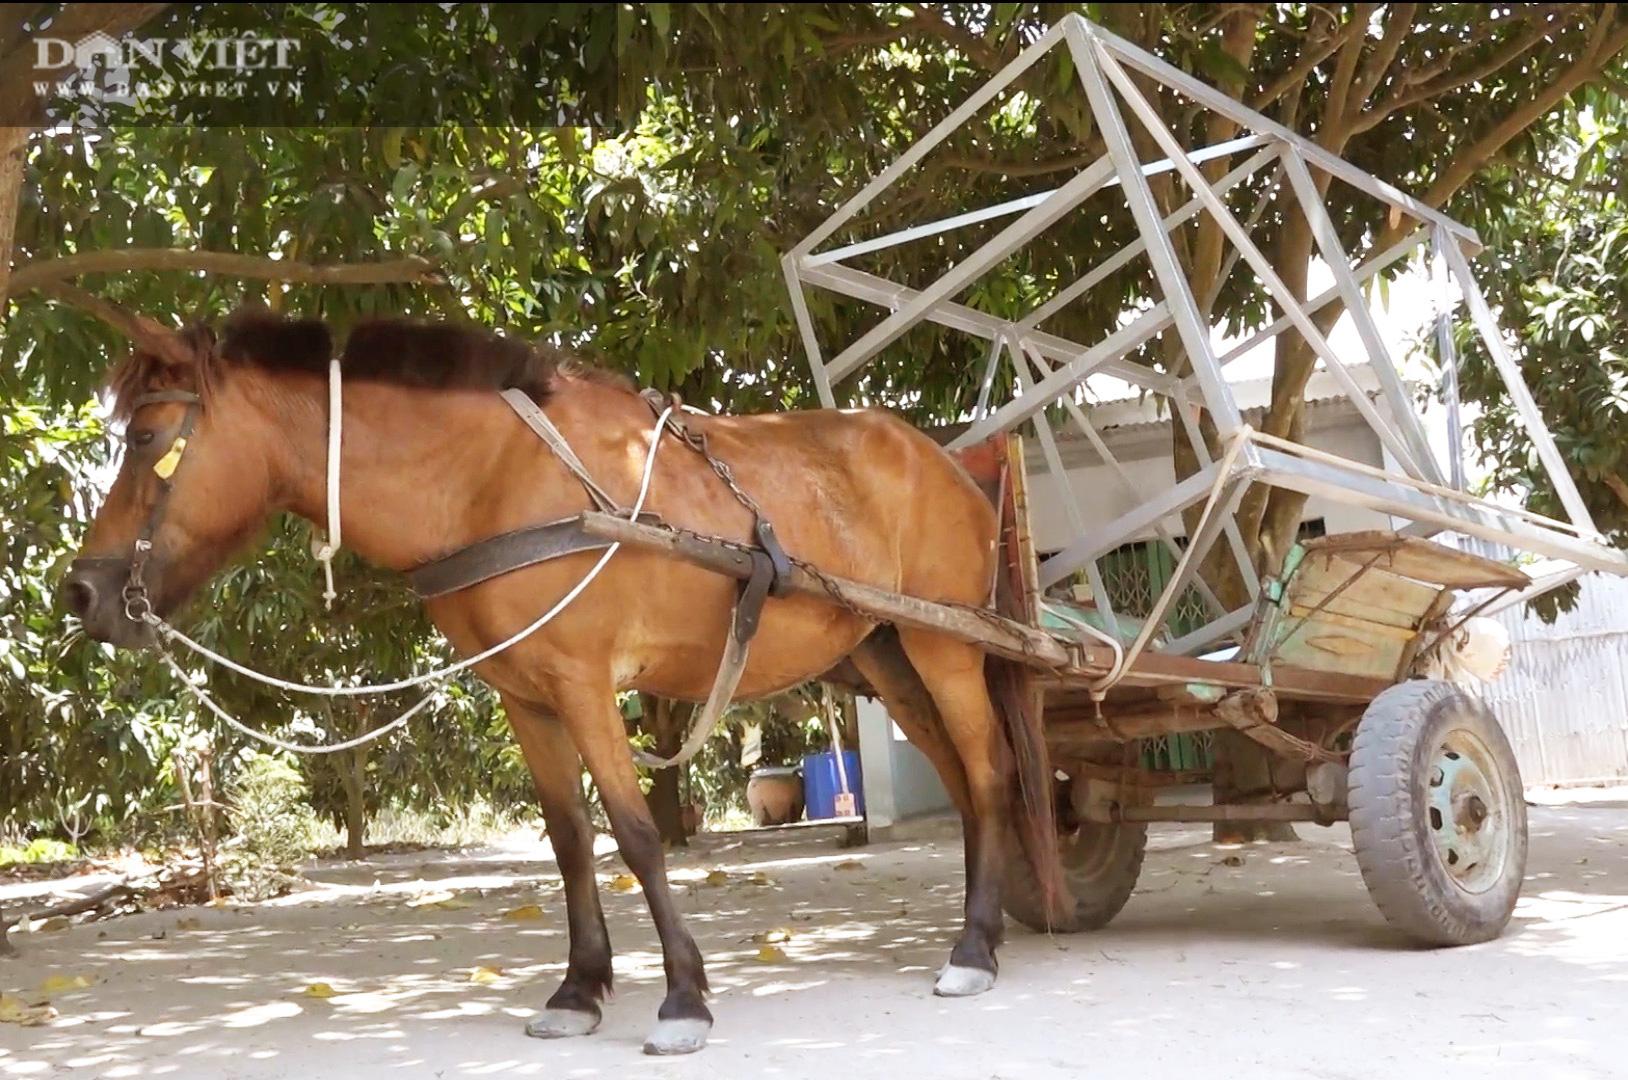 Những chiếc xe ngựa cuối cùng của vùng Bảy Núi - Ảnh 2.